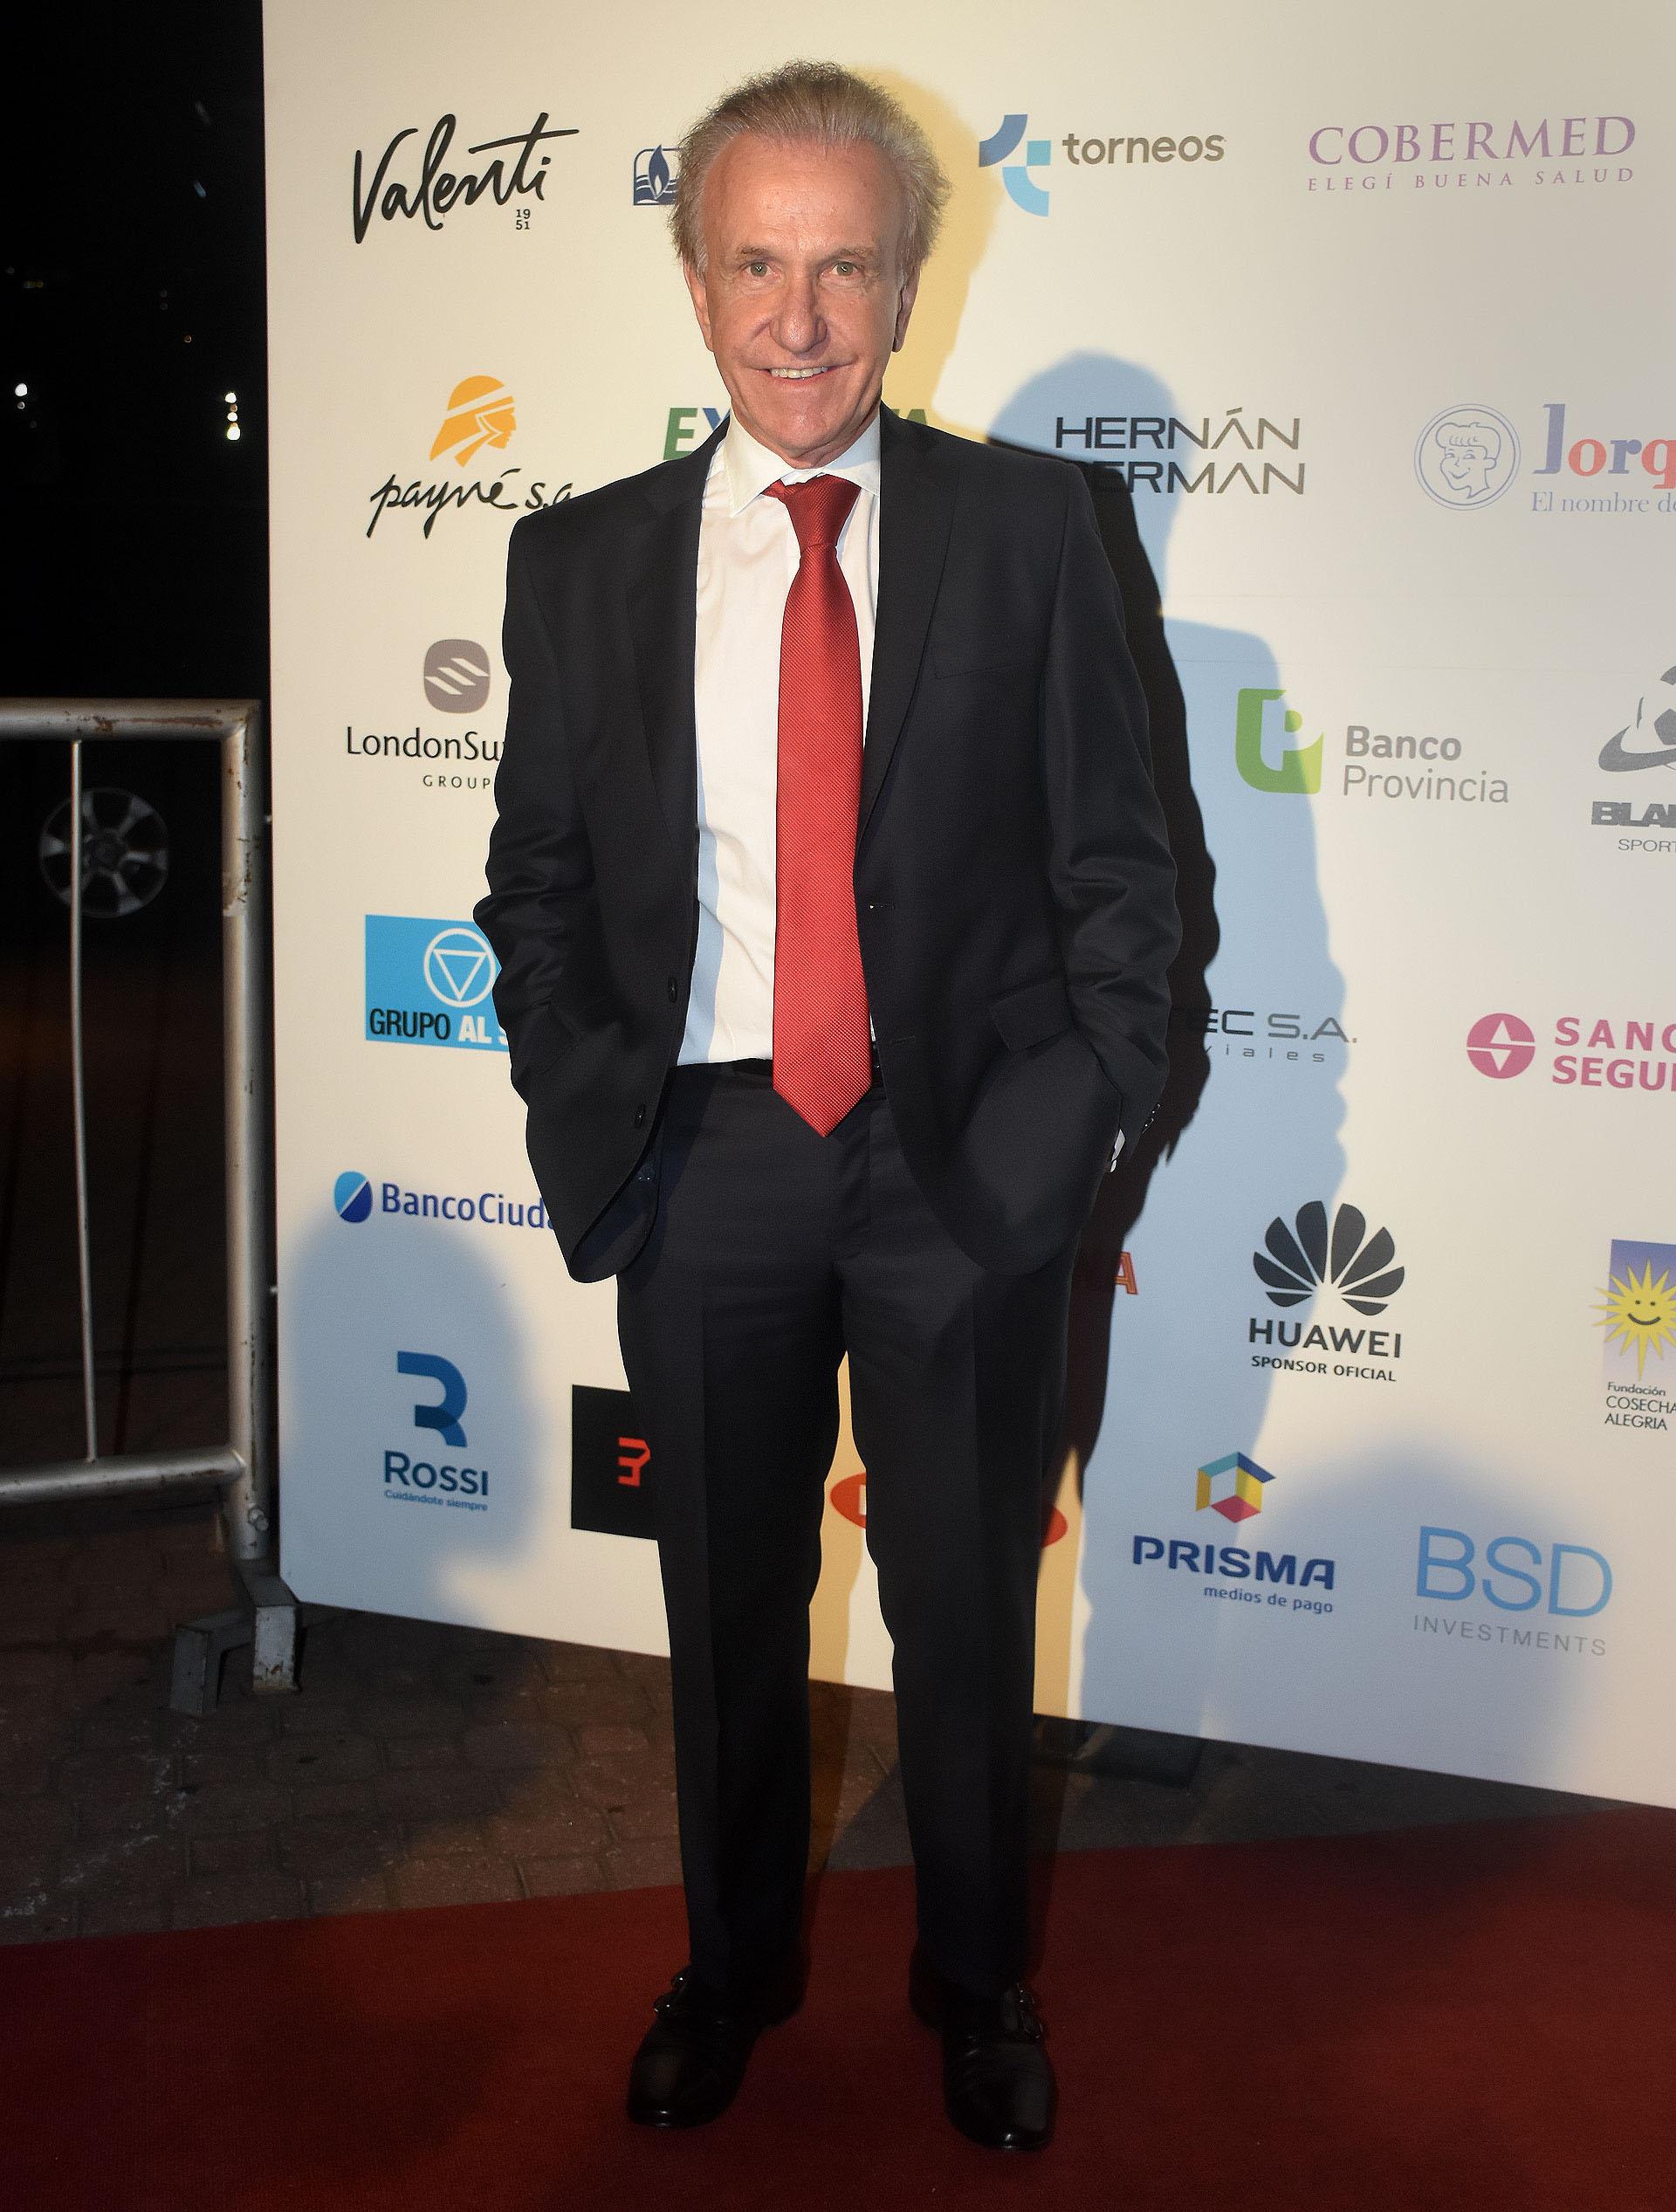 El ex juez Alberto Piotti